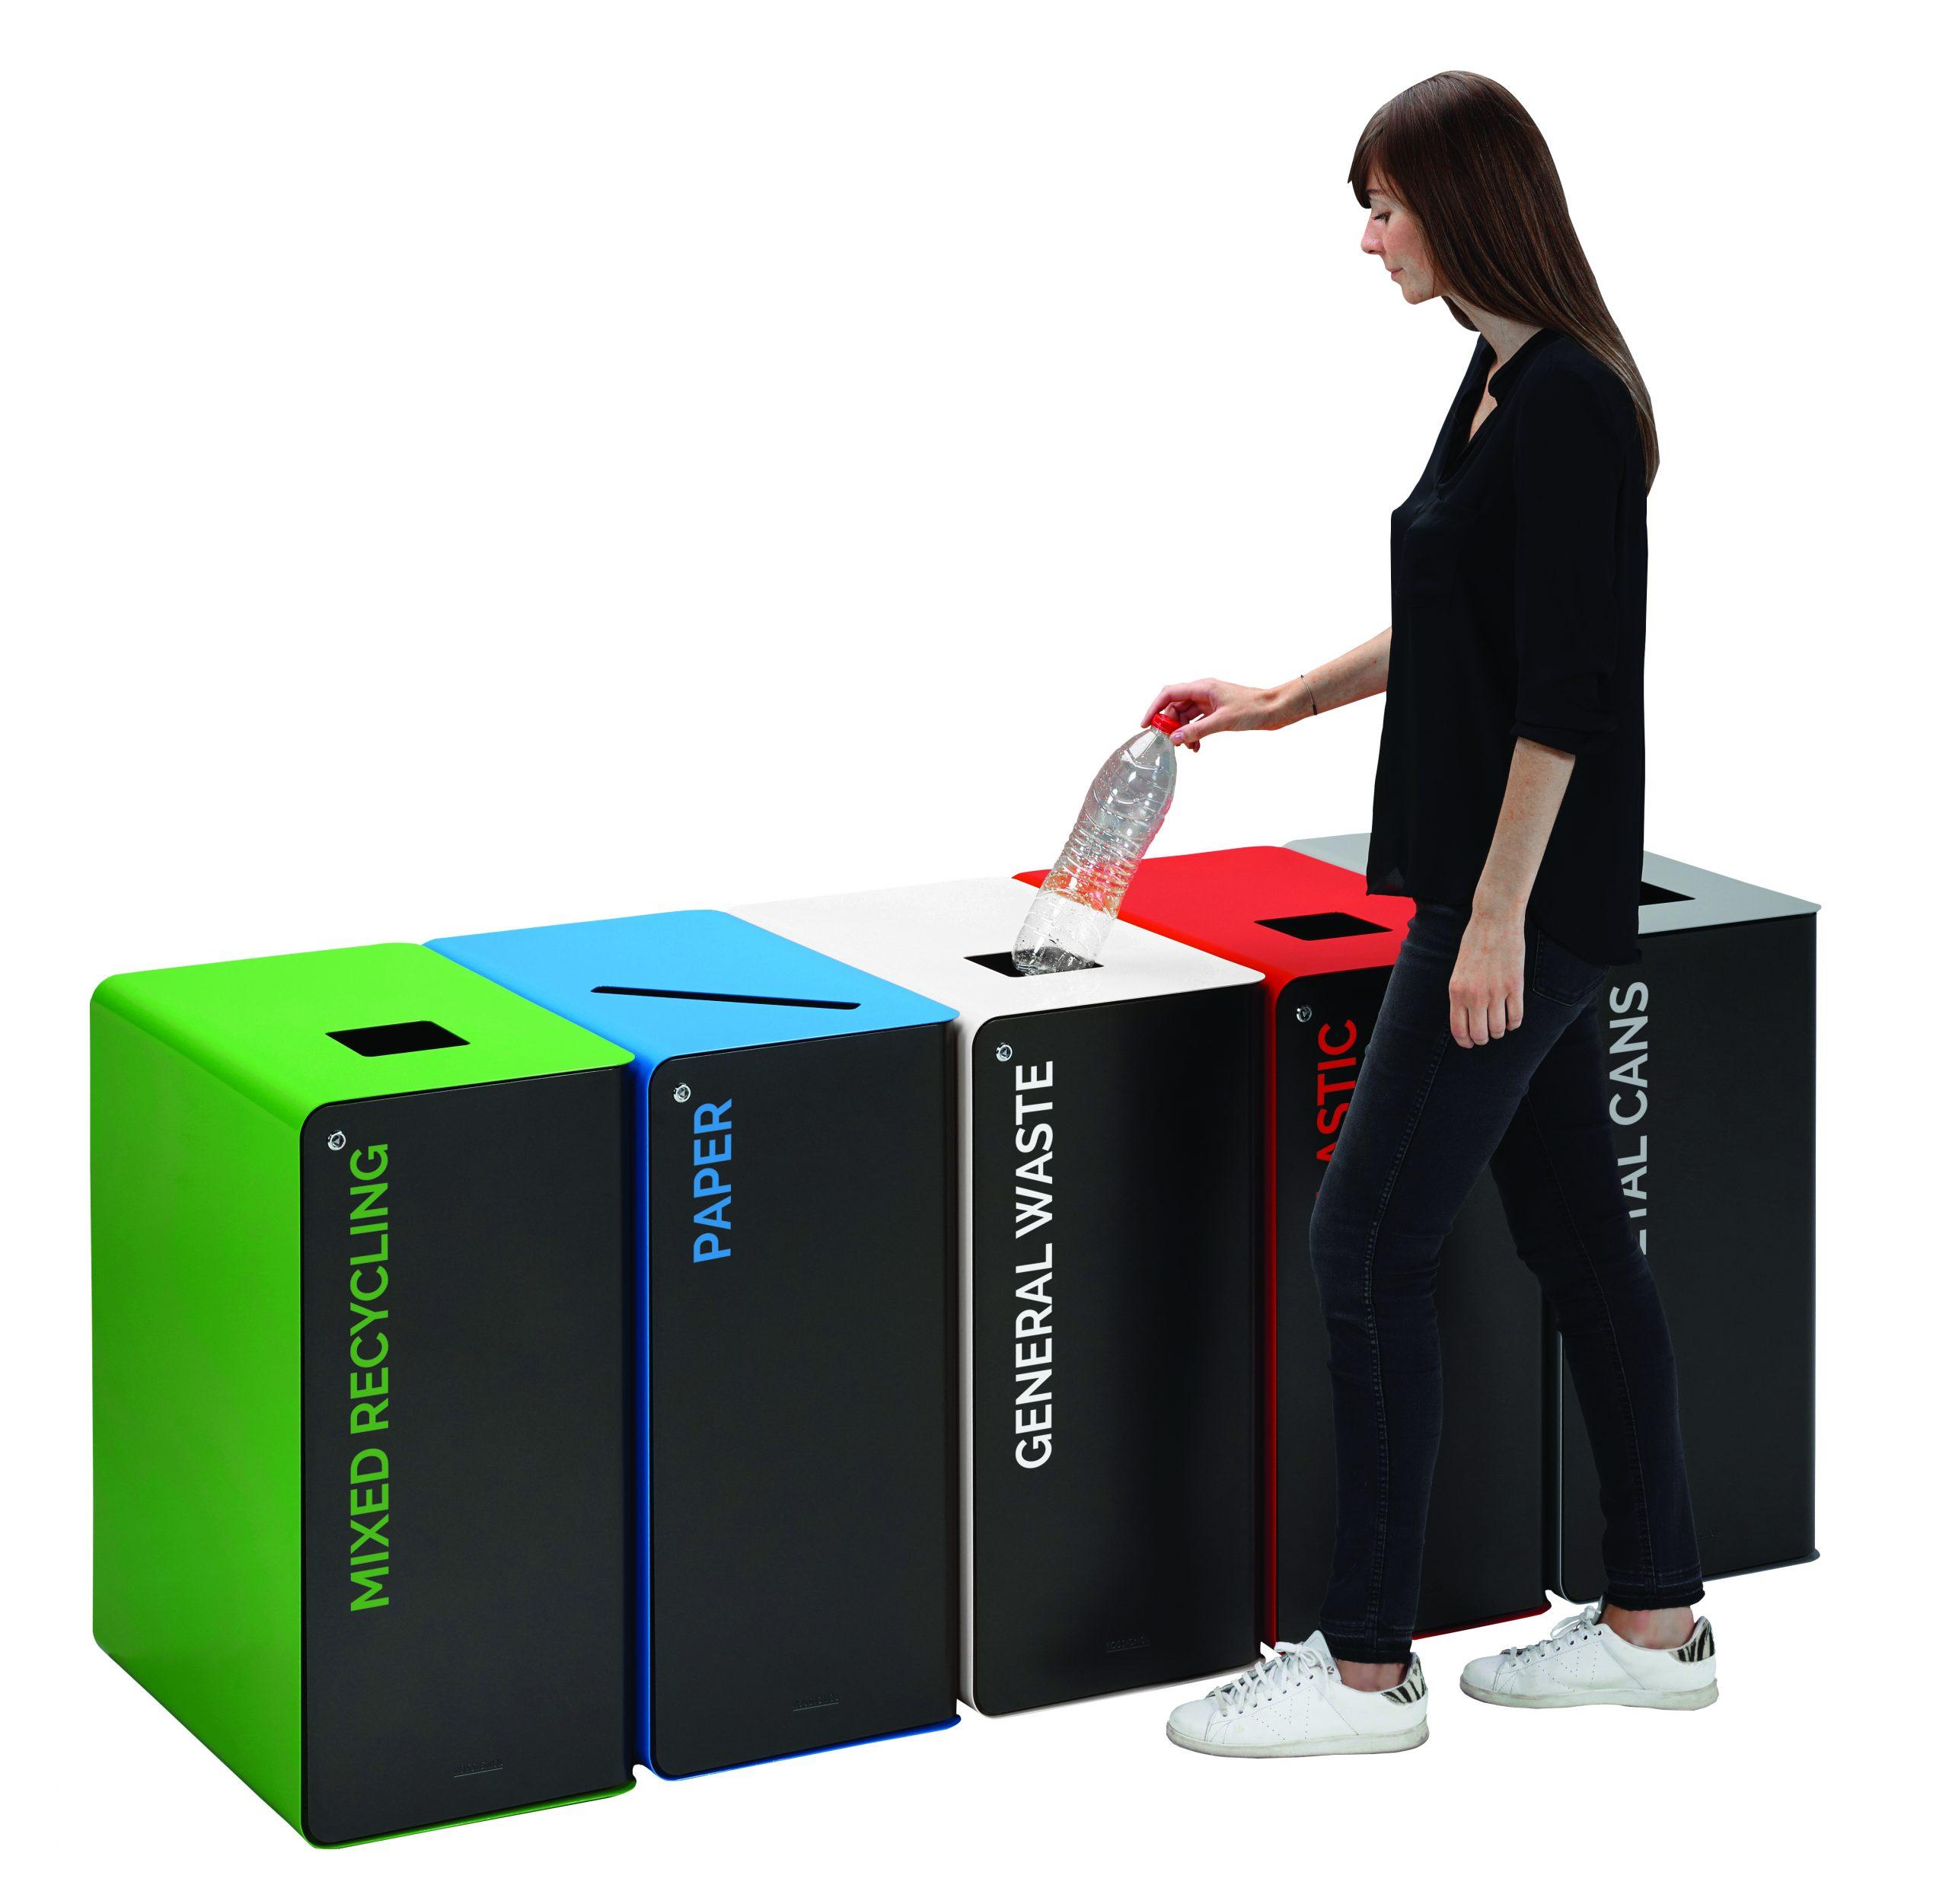 confidential waste bin with lockable door